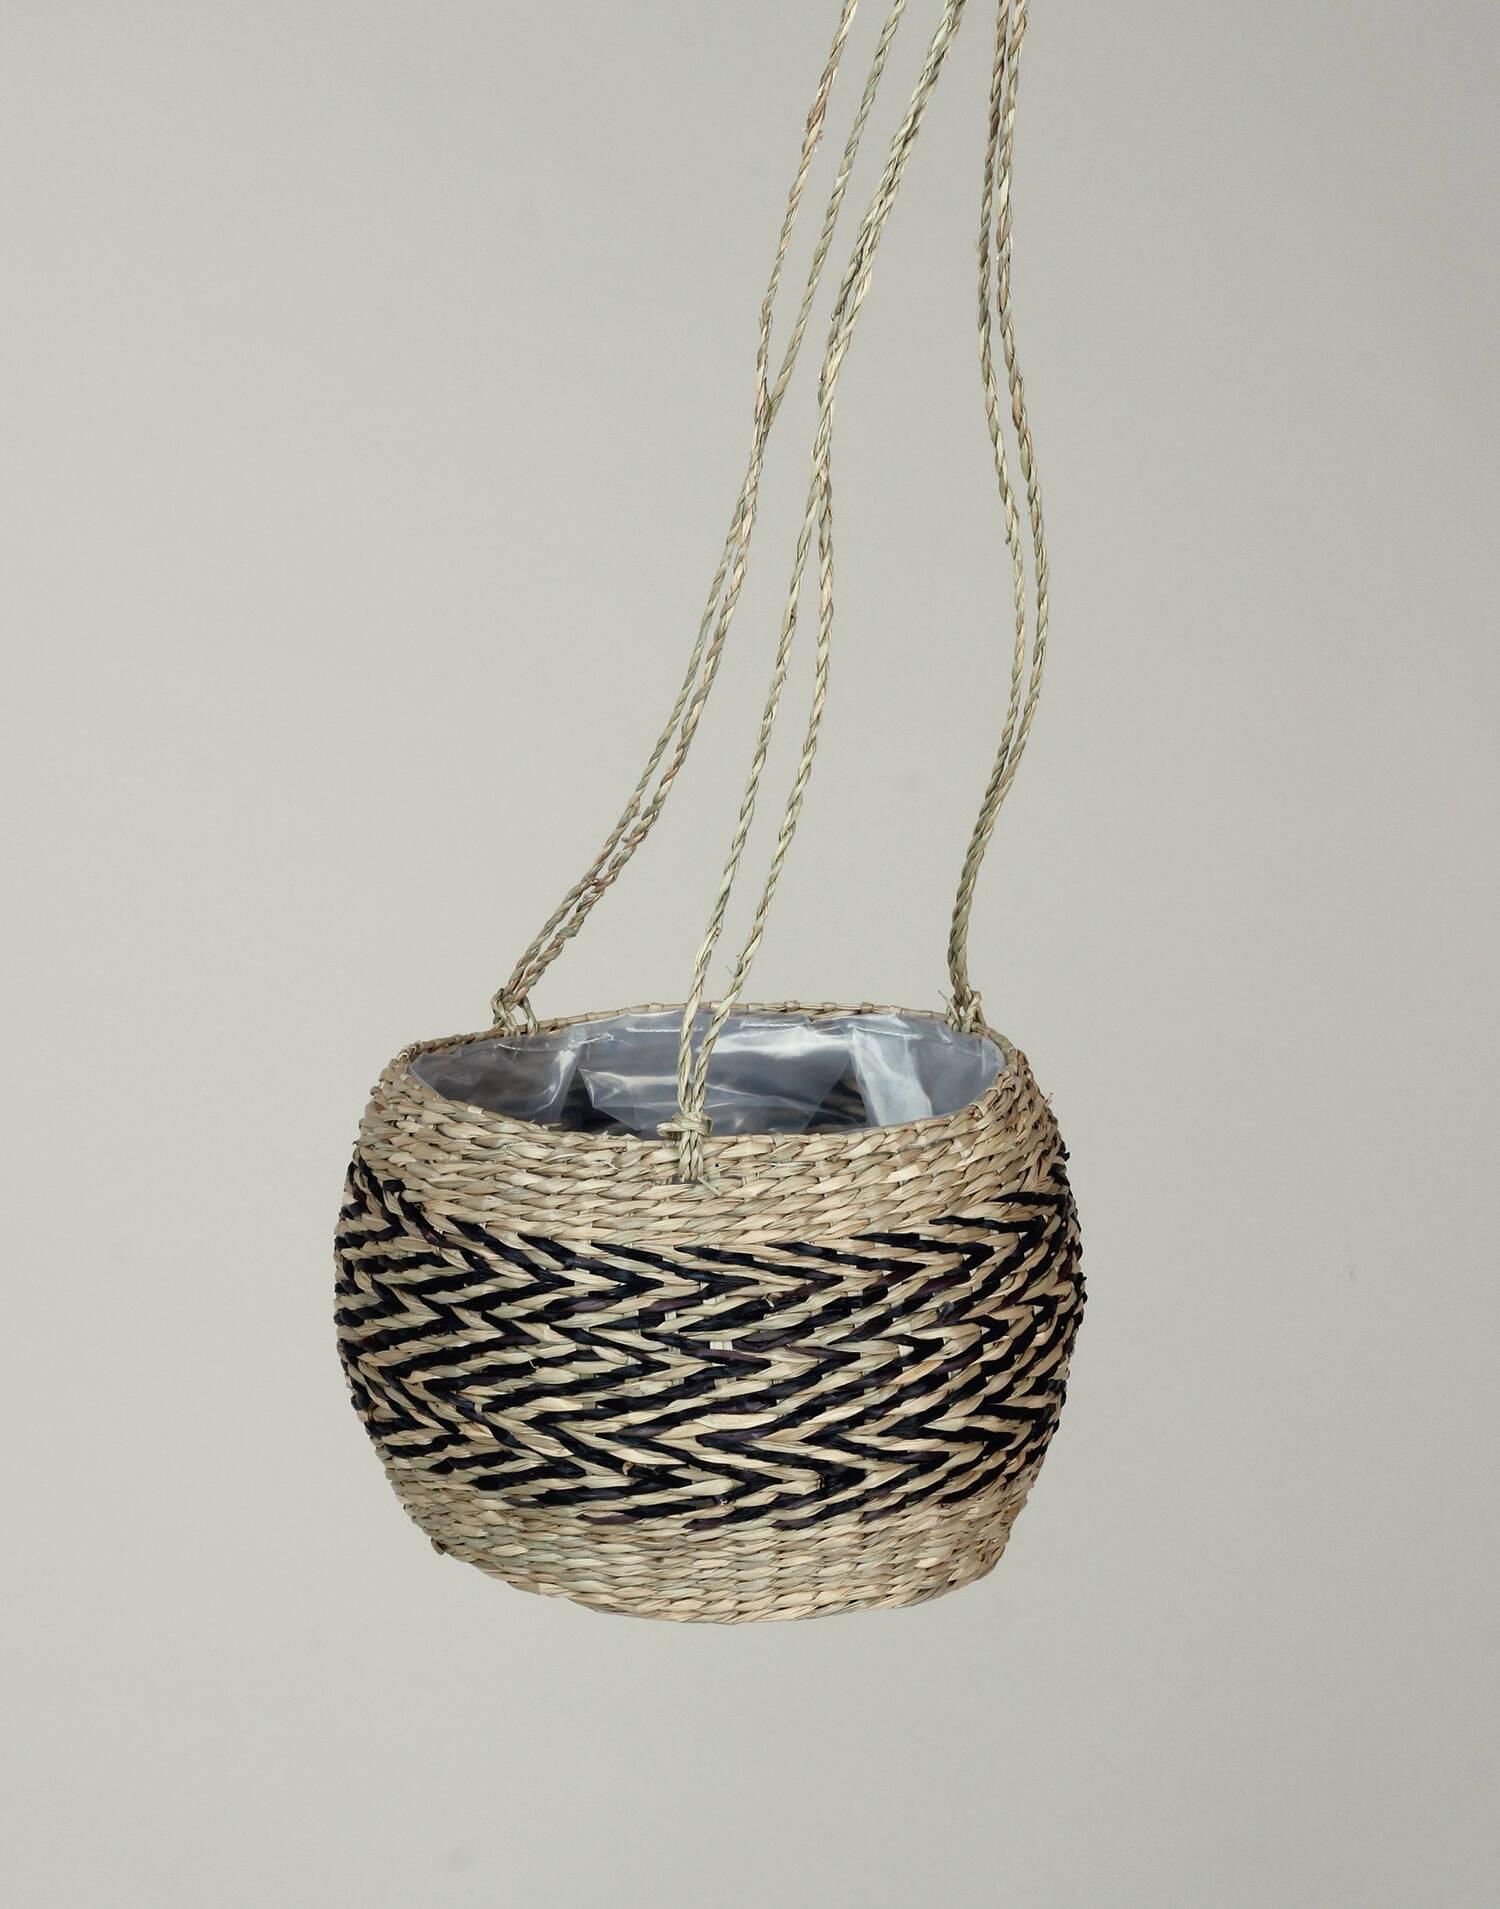 Namibia hanging planter basket